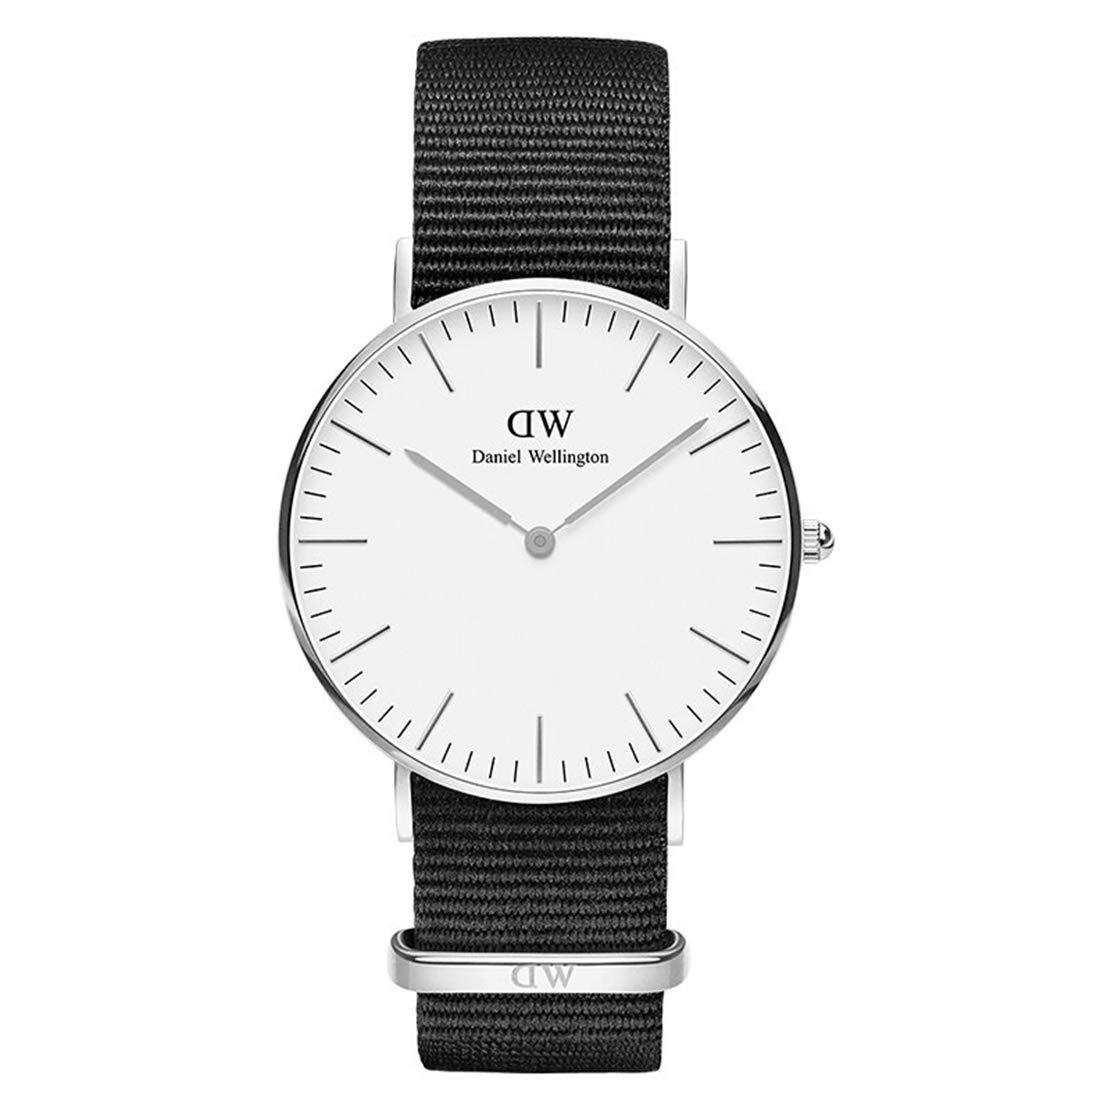 Daniel Wellington 丹尼尔•惠灵顿 瑞典品牌 石英女士手表 原价599元